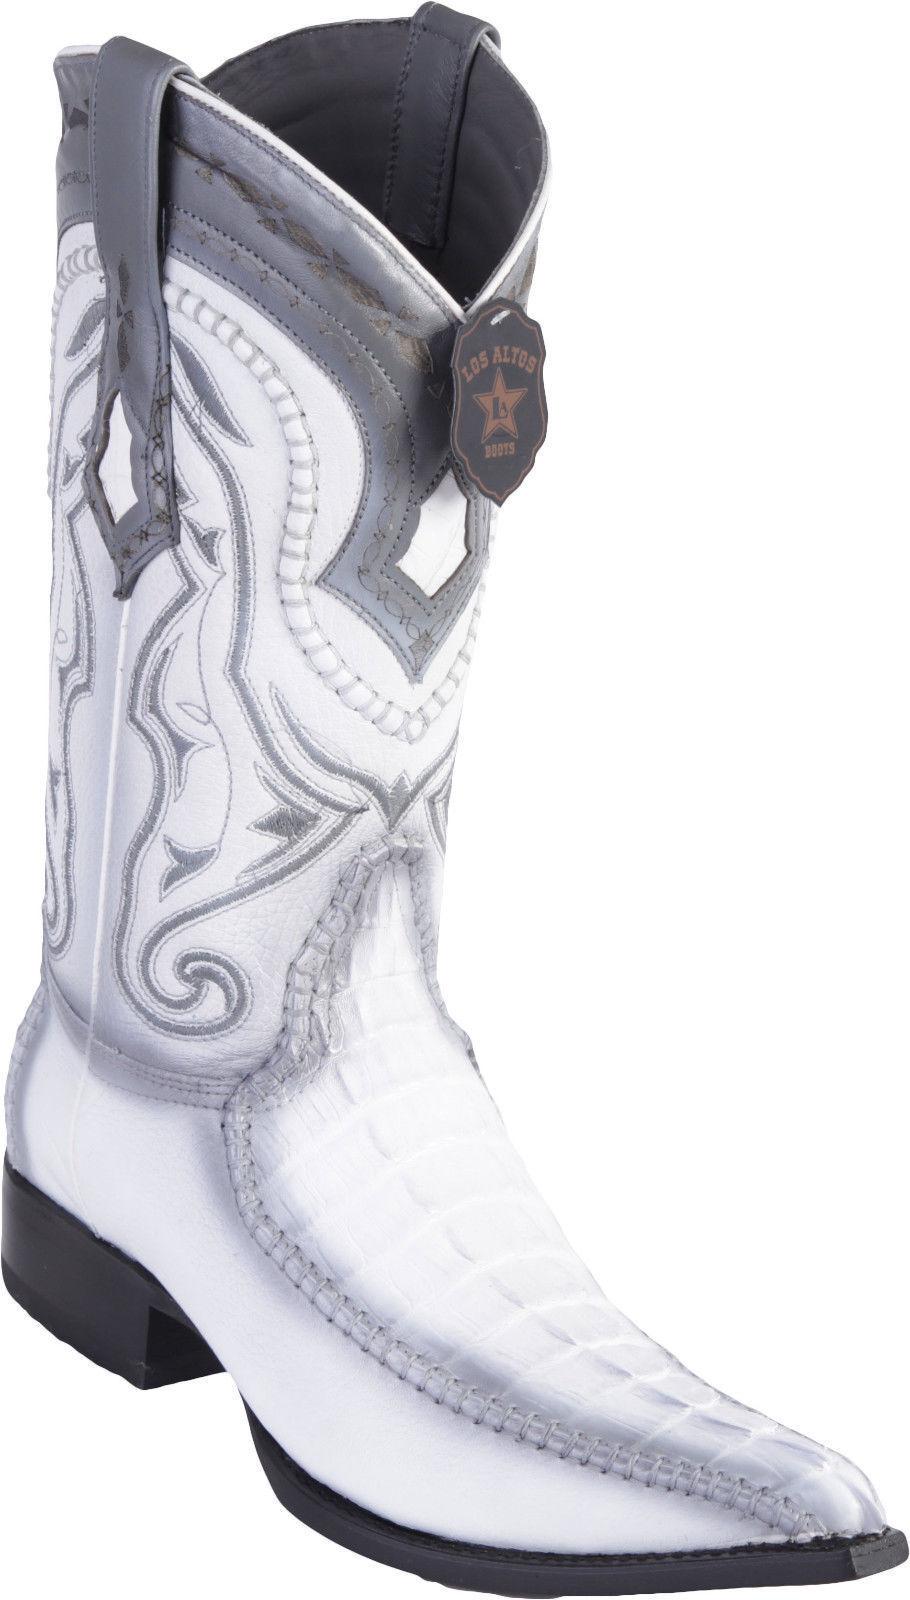 Los altos Genuino blancoo Caimán Cocodrilo Bota Puntera Puntera Puntera Western Cowboy De Cola 3x EE + 86bd29